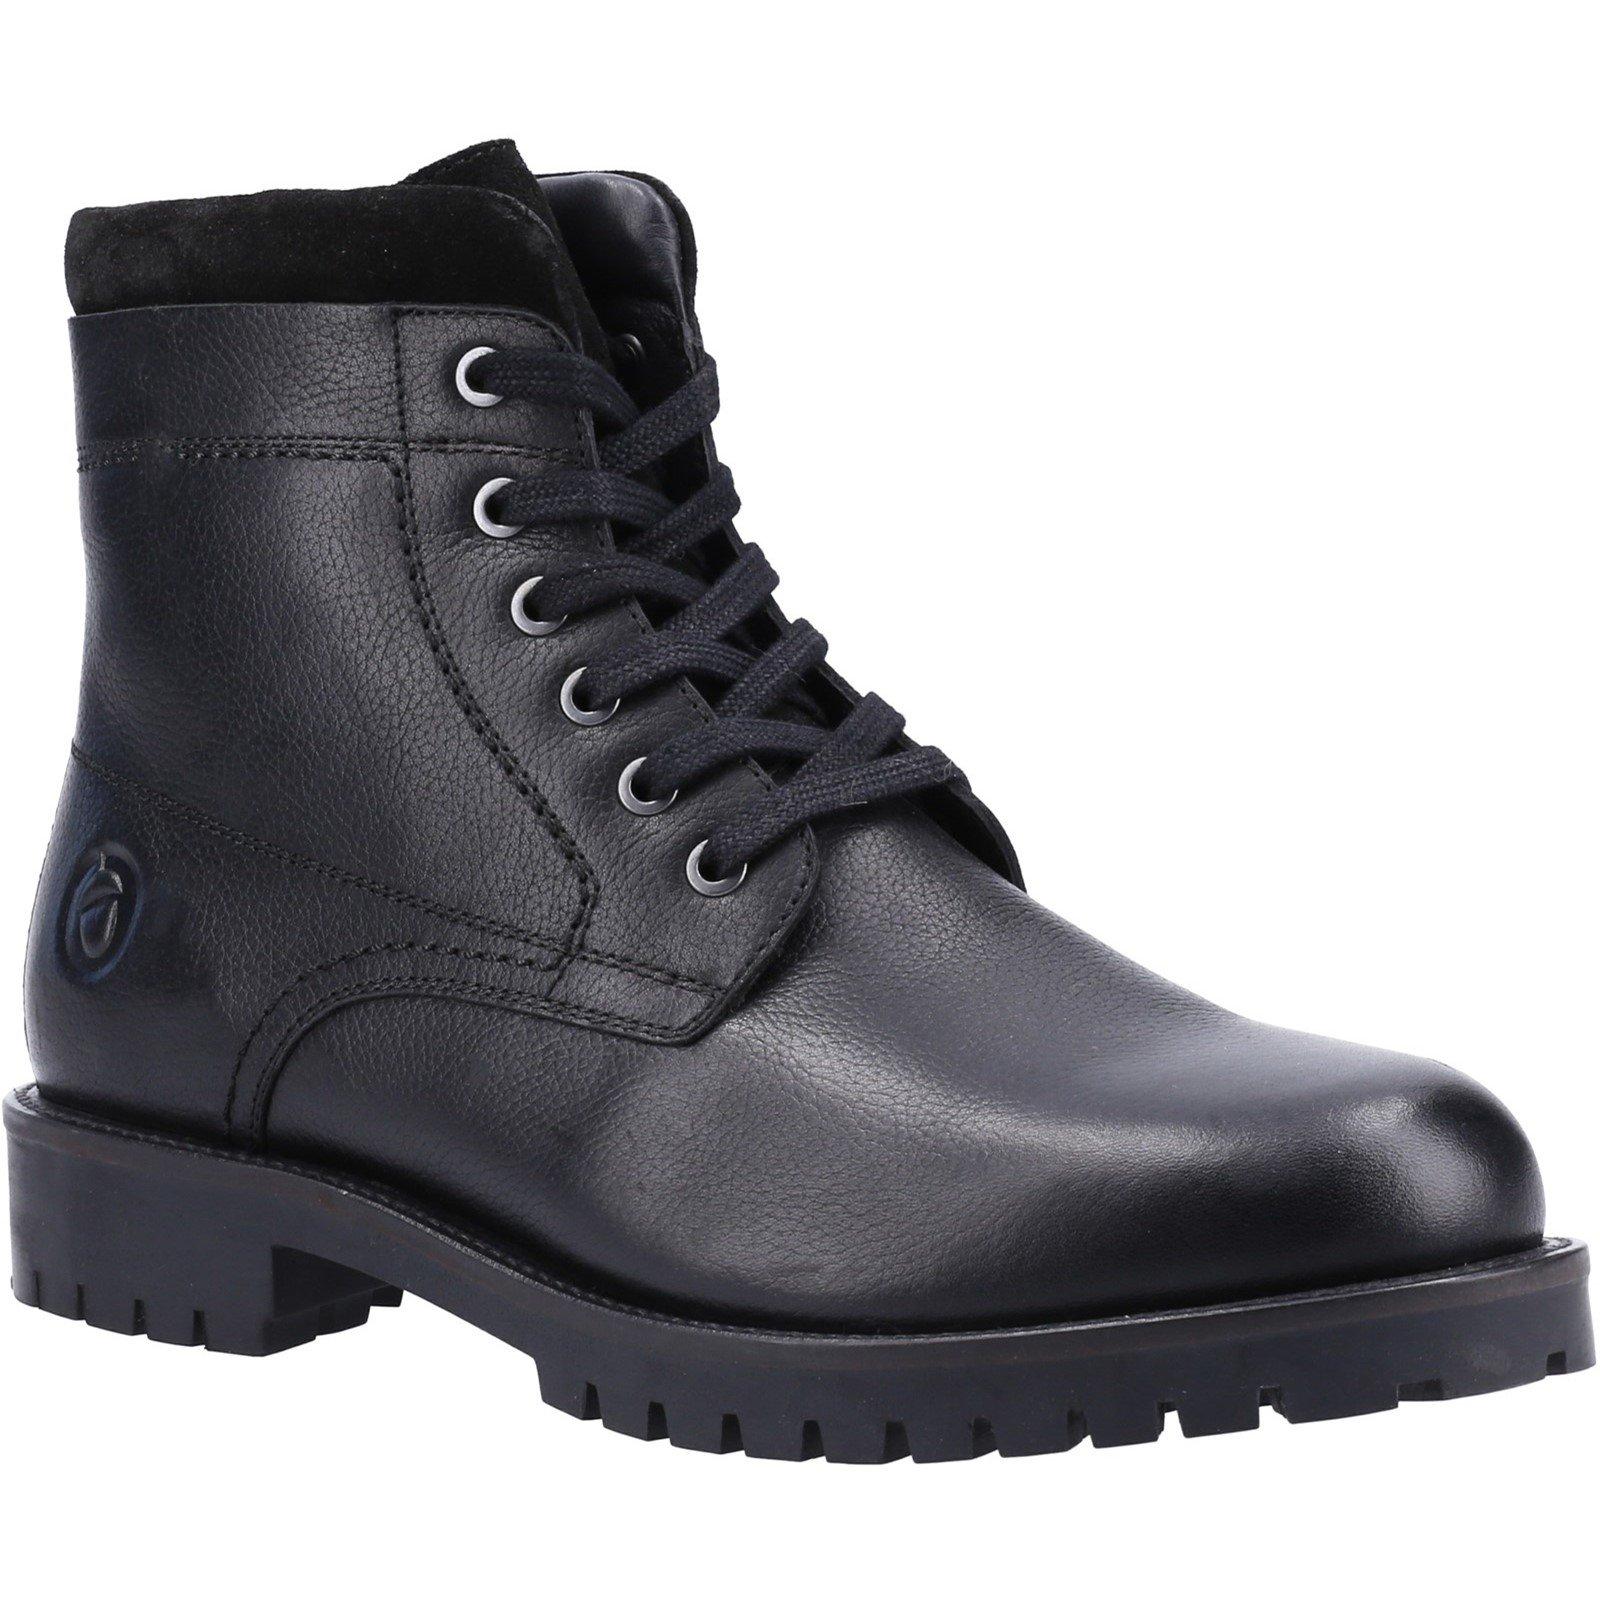 Cotswold Men's Thorsbury Lace Up Shoe Boot Various Colours 32963 - Black 9